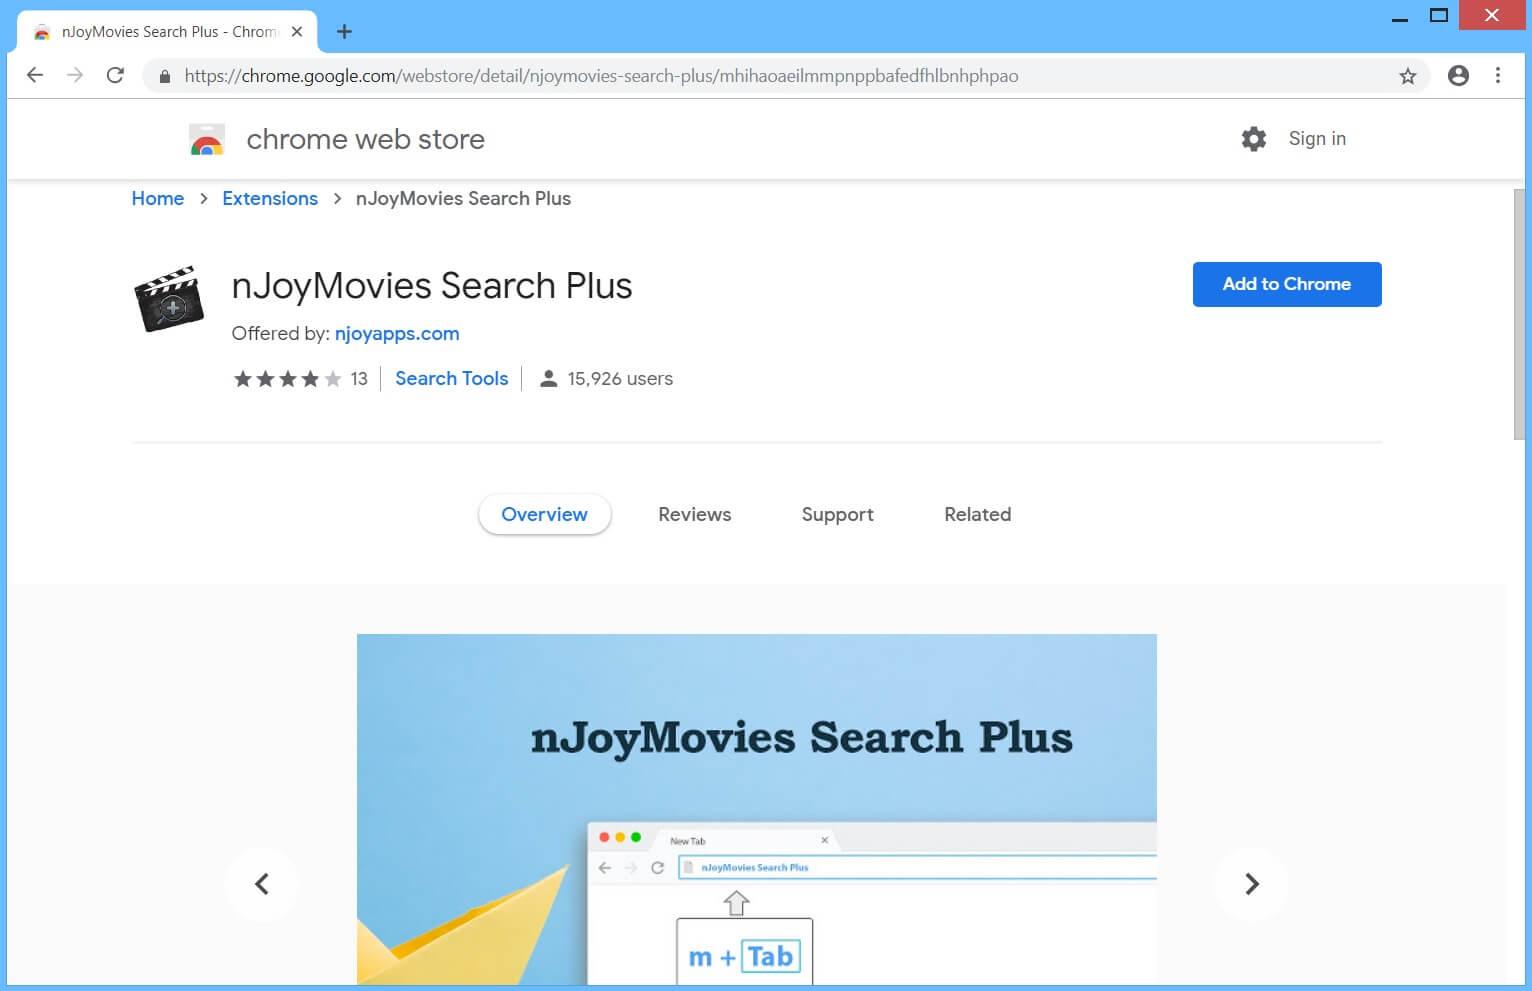 nJoyMovies negozio web di ricerca più dirottatore cromo